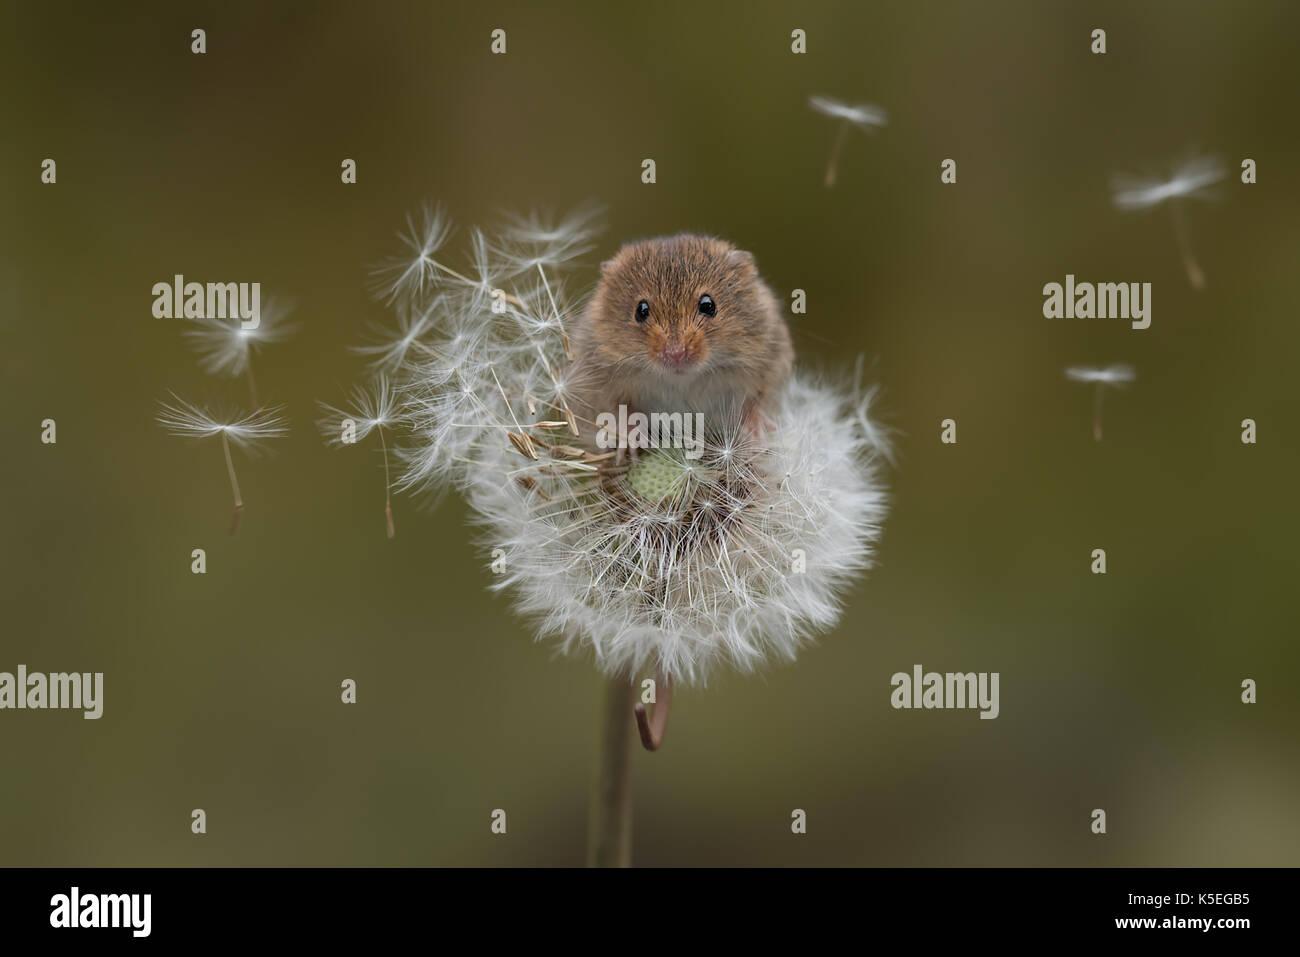 La souris d'un équilibre précaire sur un pissenlit horloge avec les graines dans le vent Photo Stock